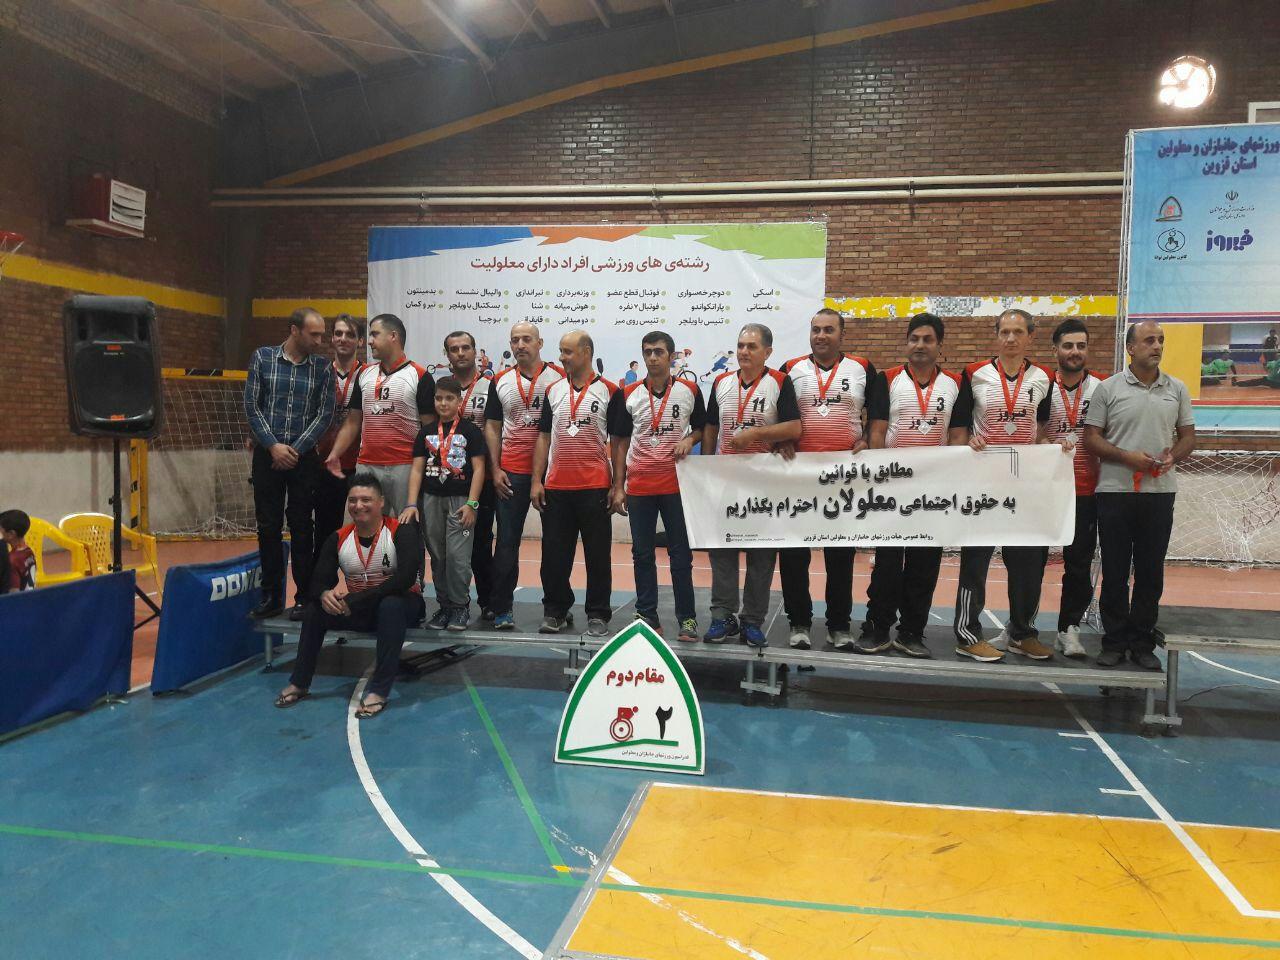 کشفیا: بیش از ۲هزار ورزشکار در مسابقات والیبال نشسته کشور حضور داشتند